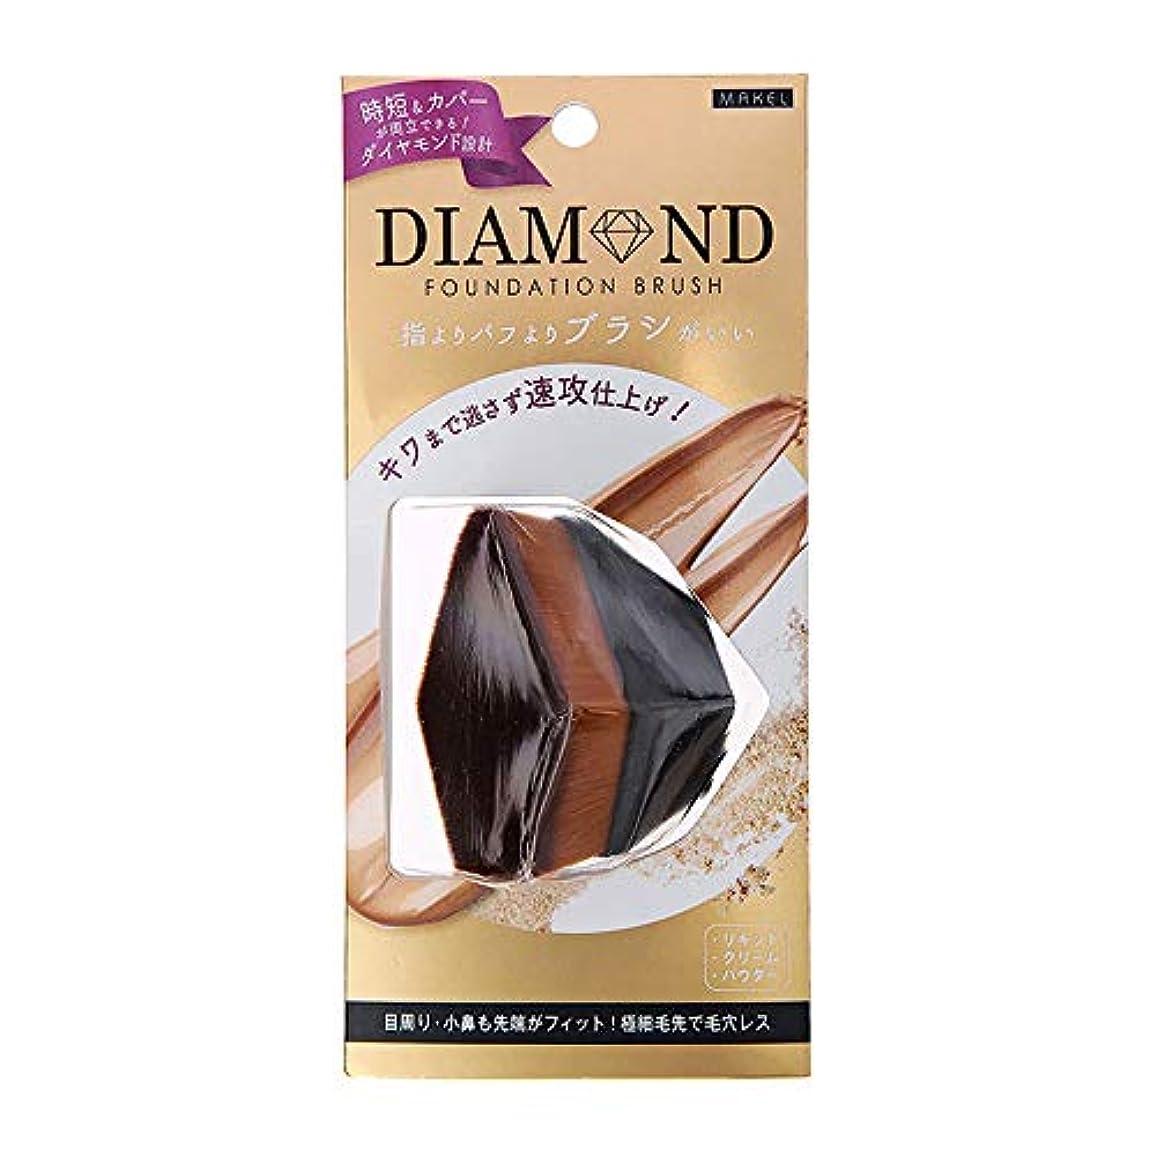 合併症サワー事ダイヤモンドファンデーションブラシ(ブラック) DIB1500